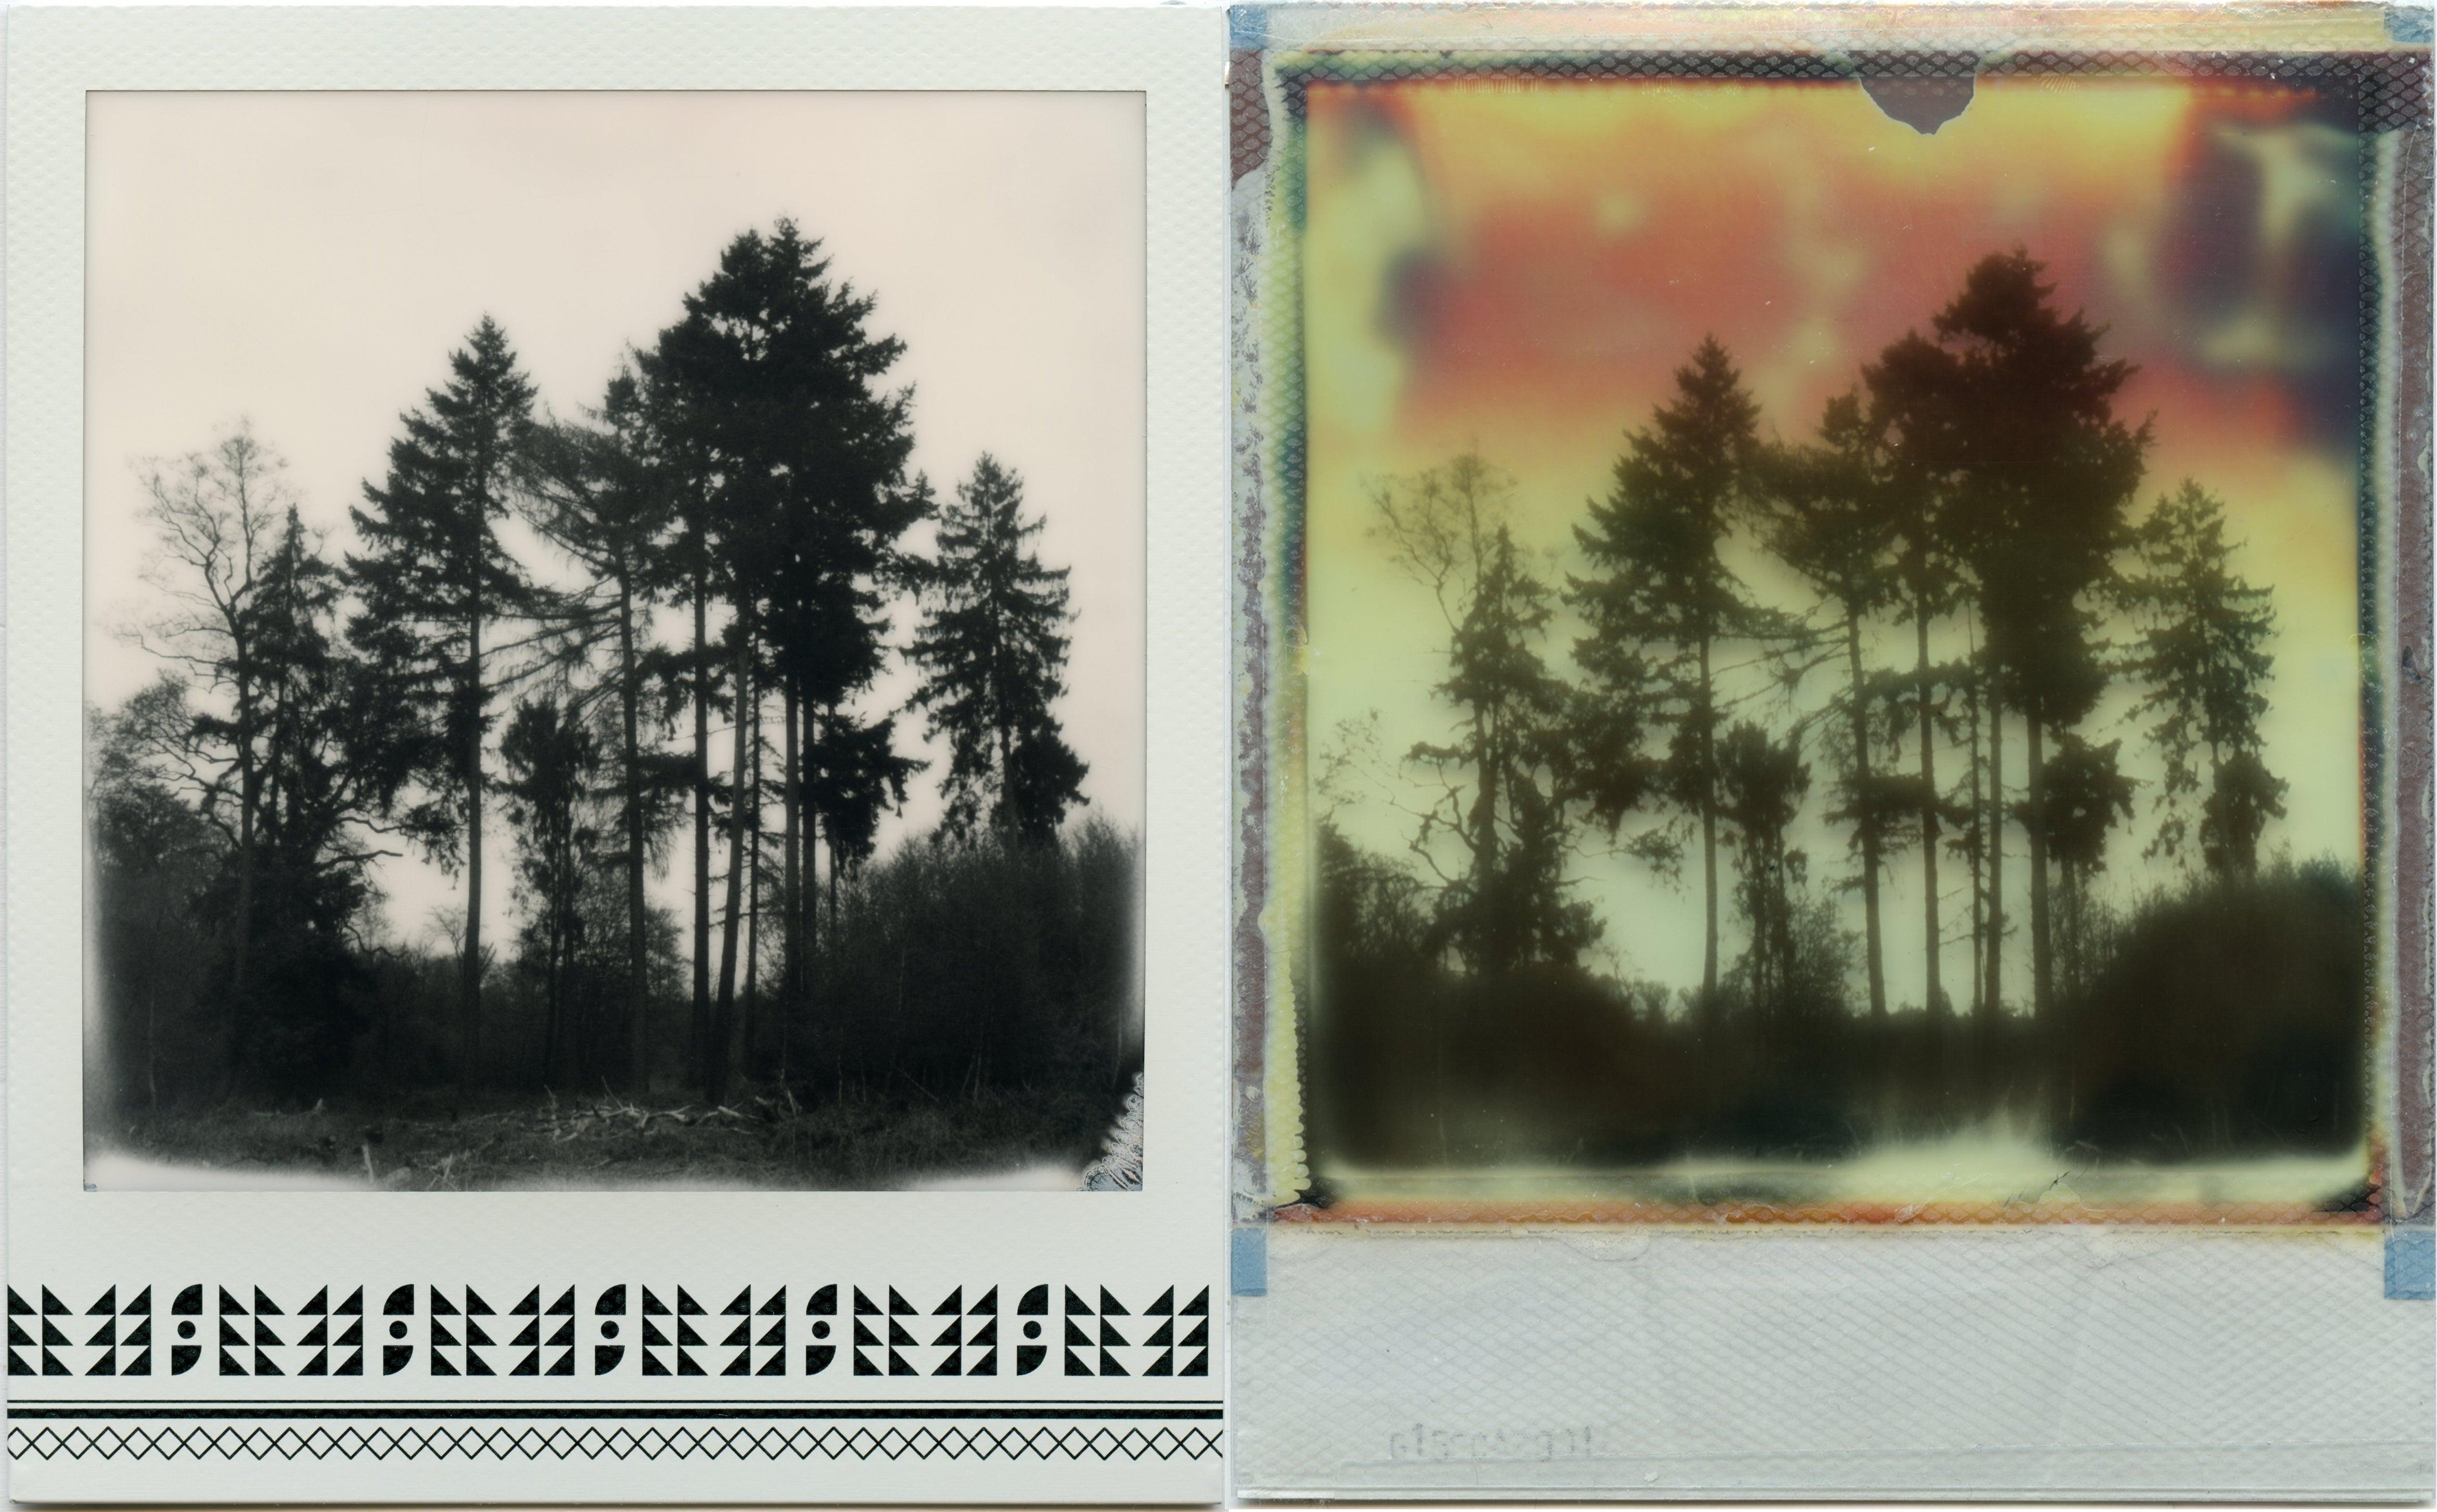 Where My Heart Belongs I - Contemporary, 21st Century, Photography, Polaroid